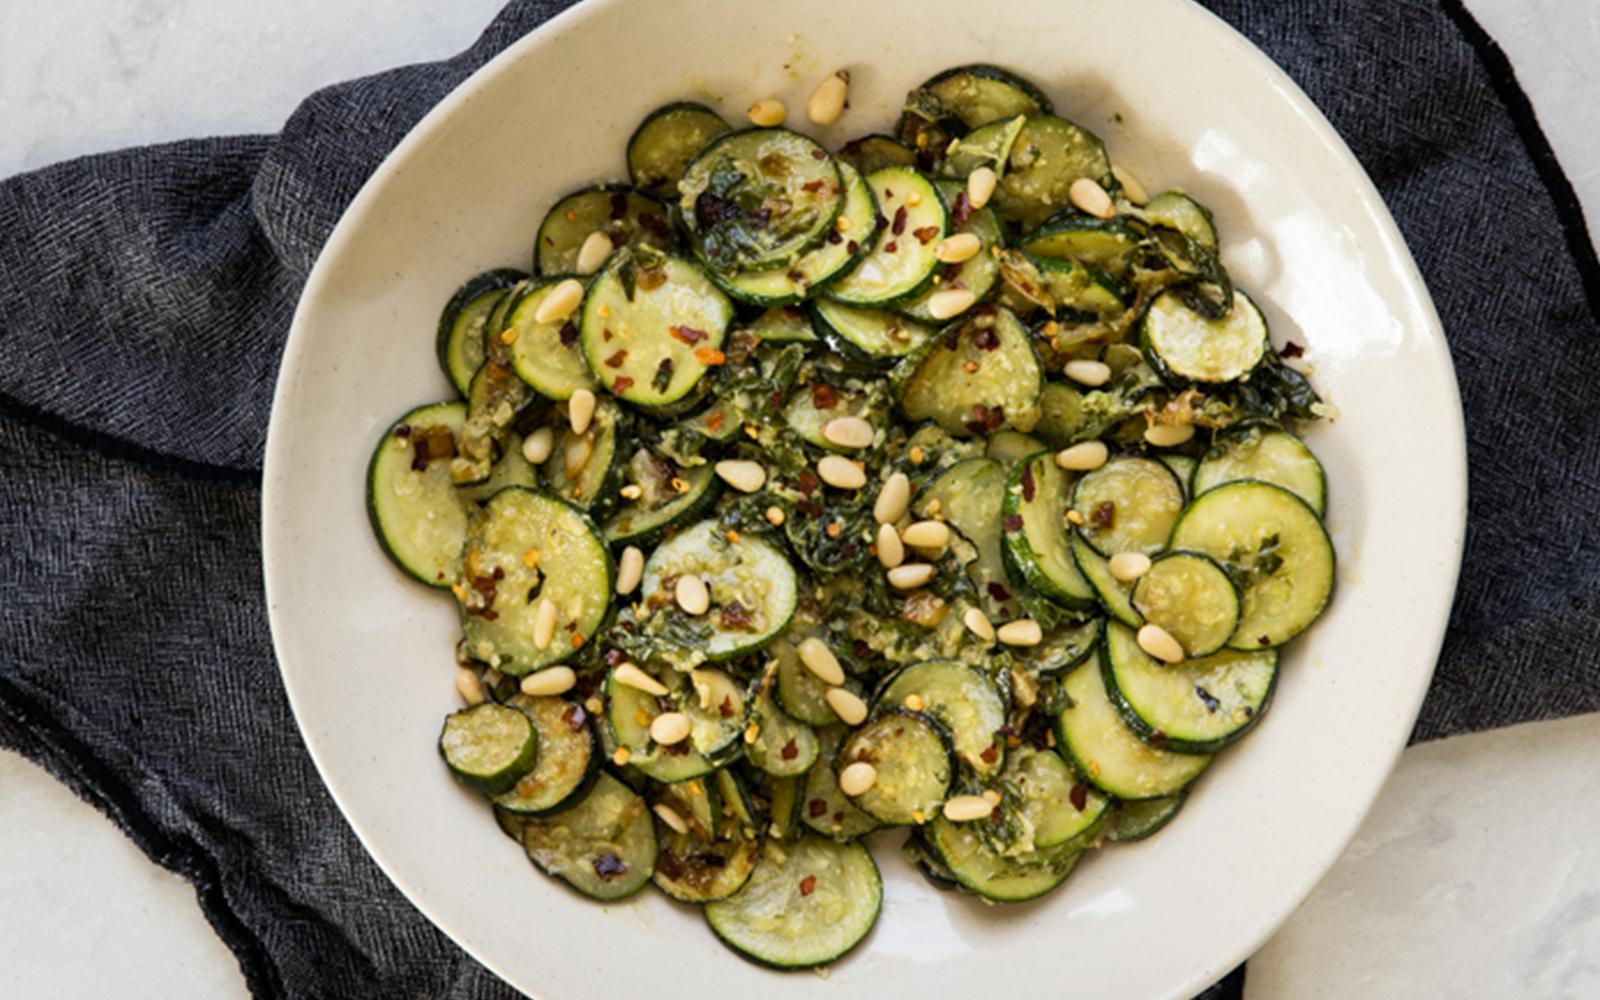 Pesto Zucchini Recipe - Vegan and Simple